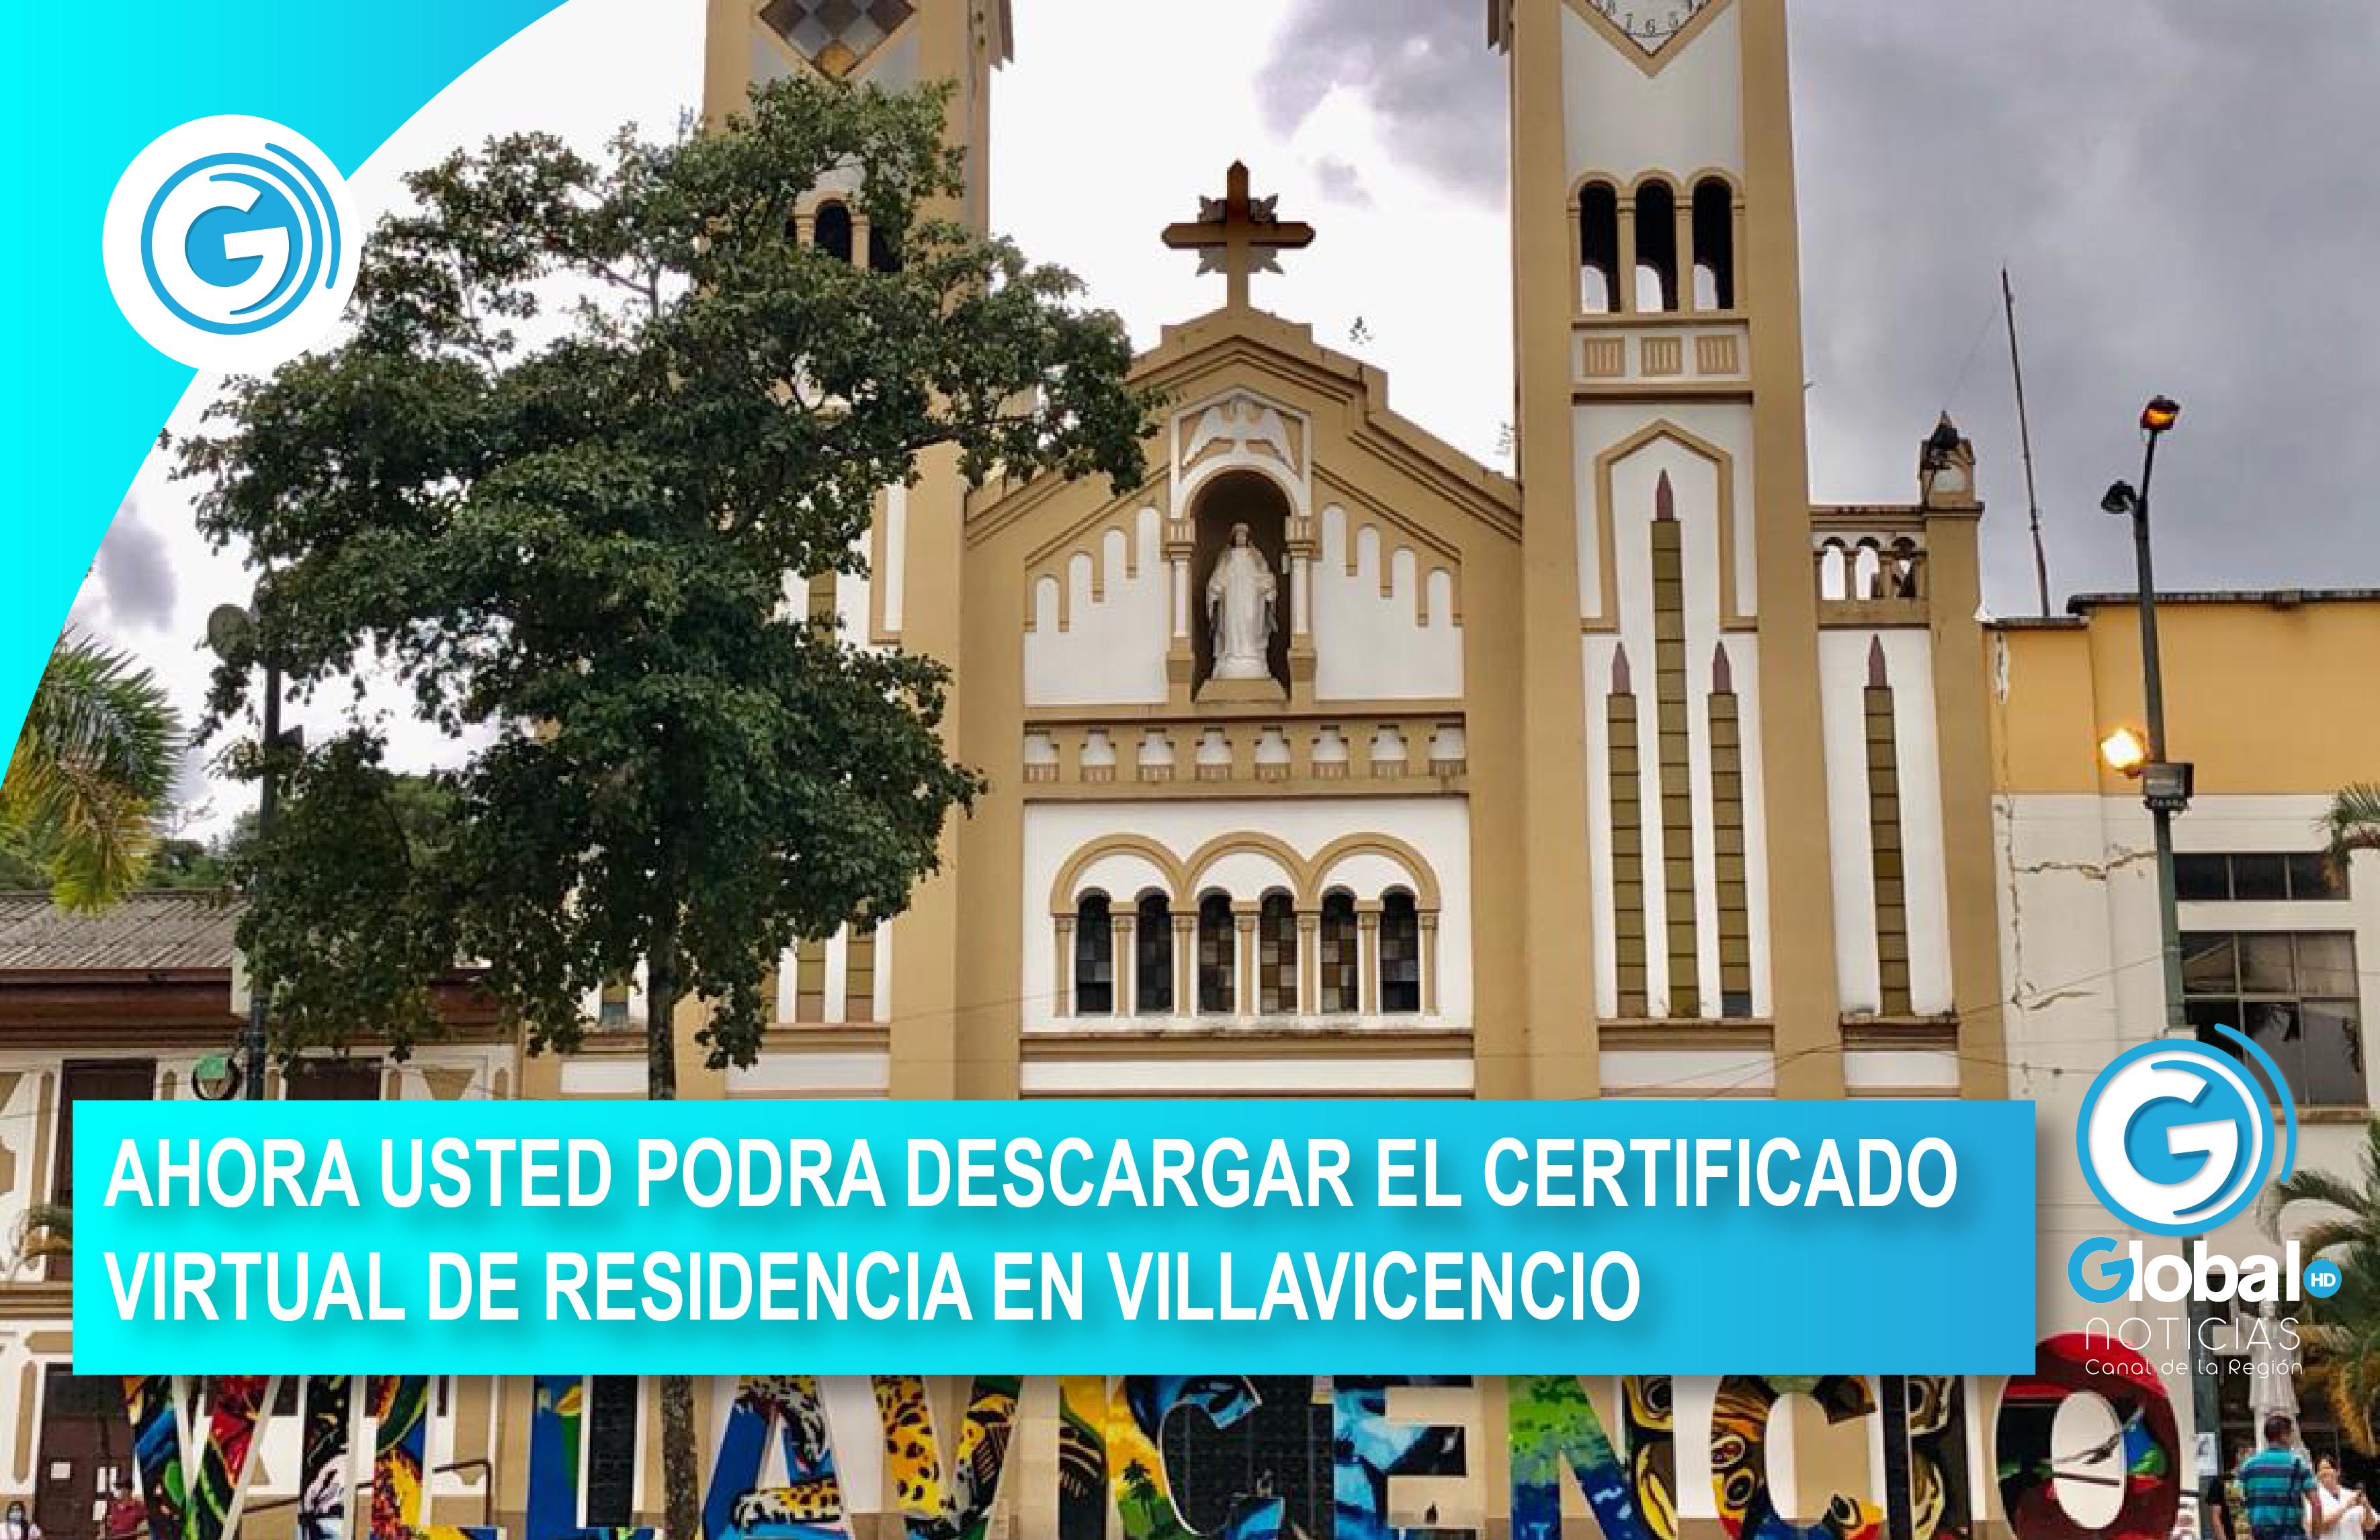 AHORA USTED PODRA DESCARGAR EL CERTIFICADO VIRTUAL DE RESIDENCIA EN VILLAVICENCIO